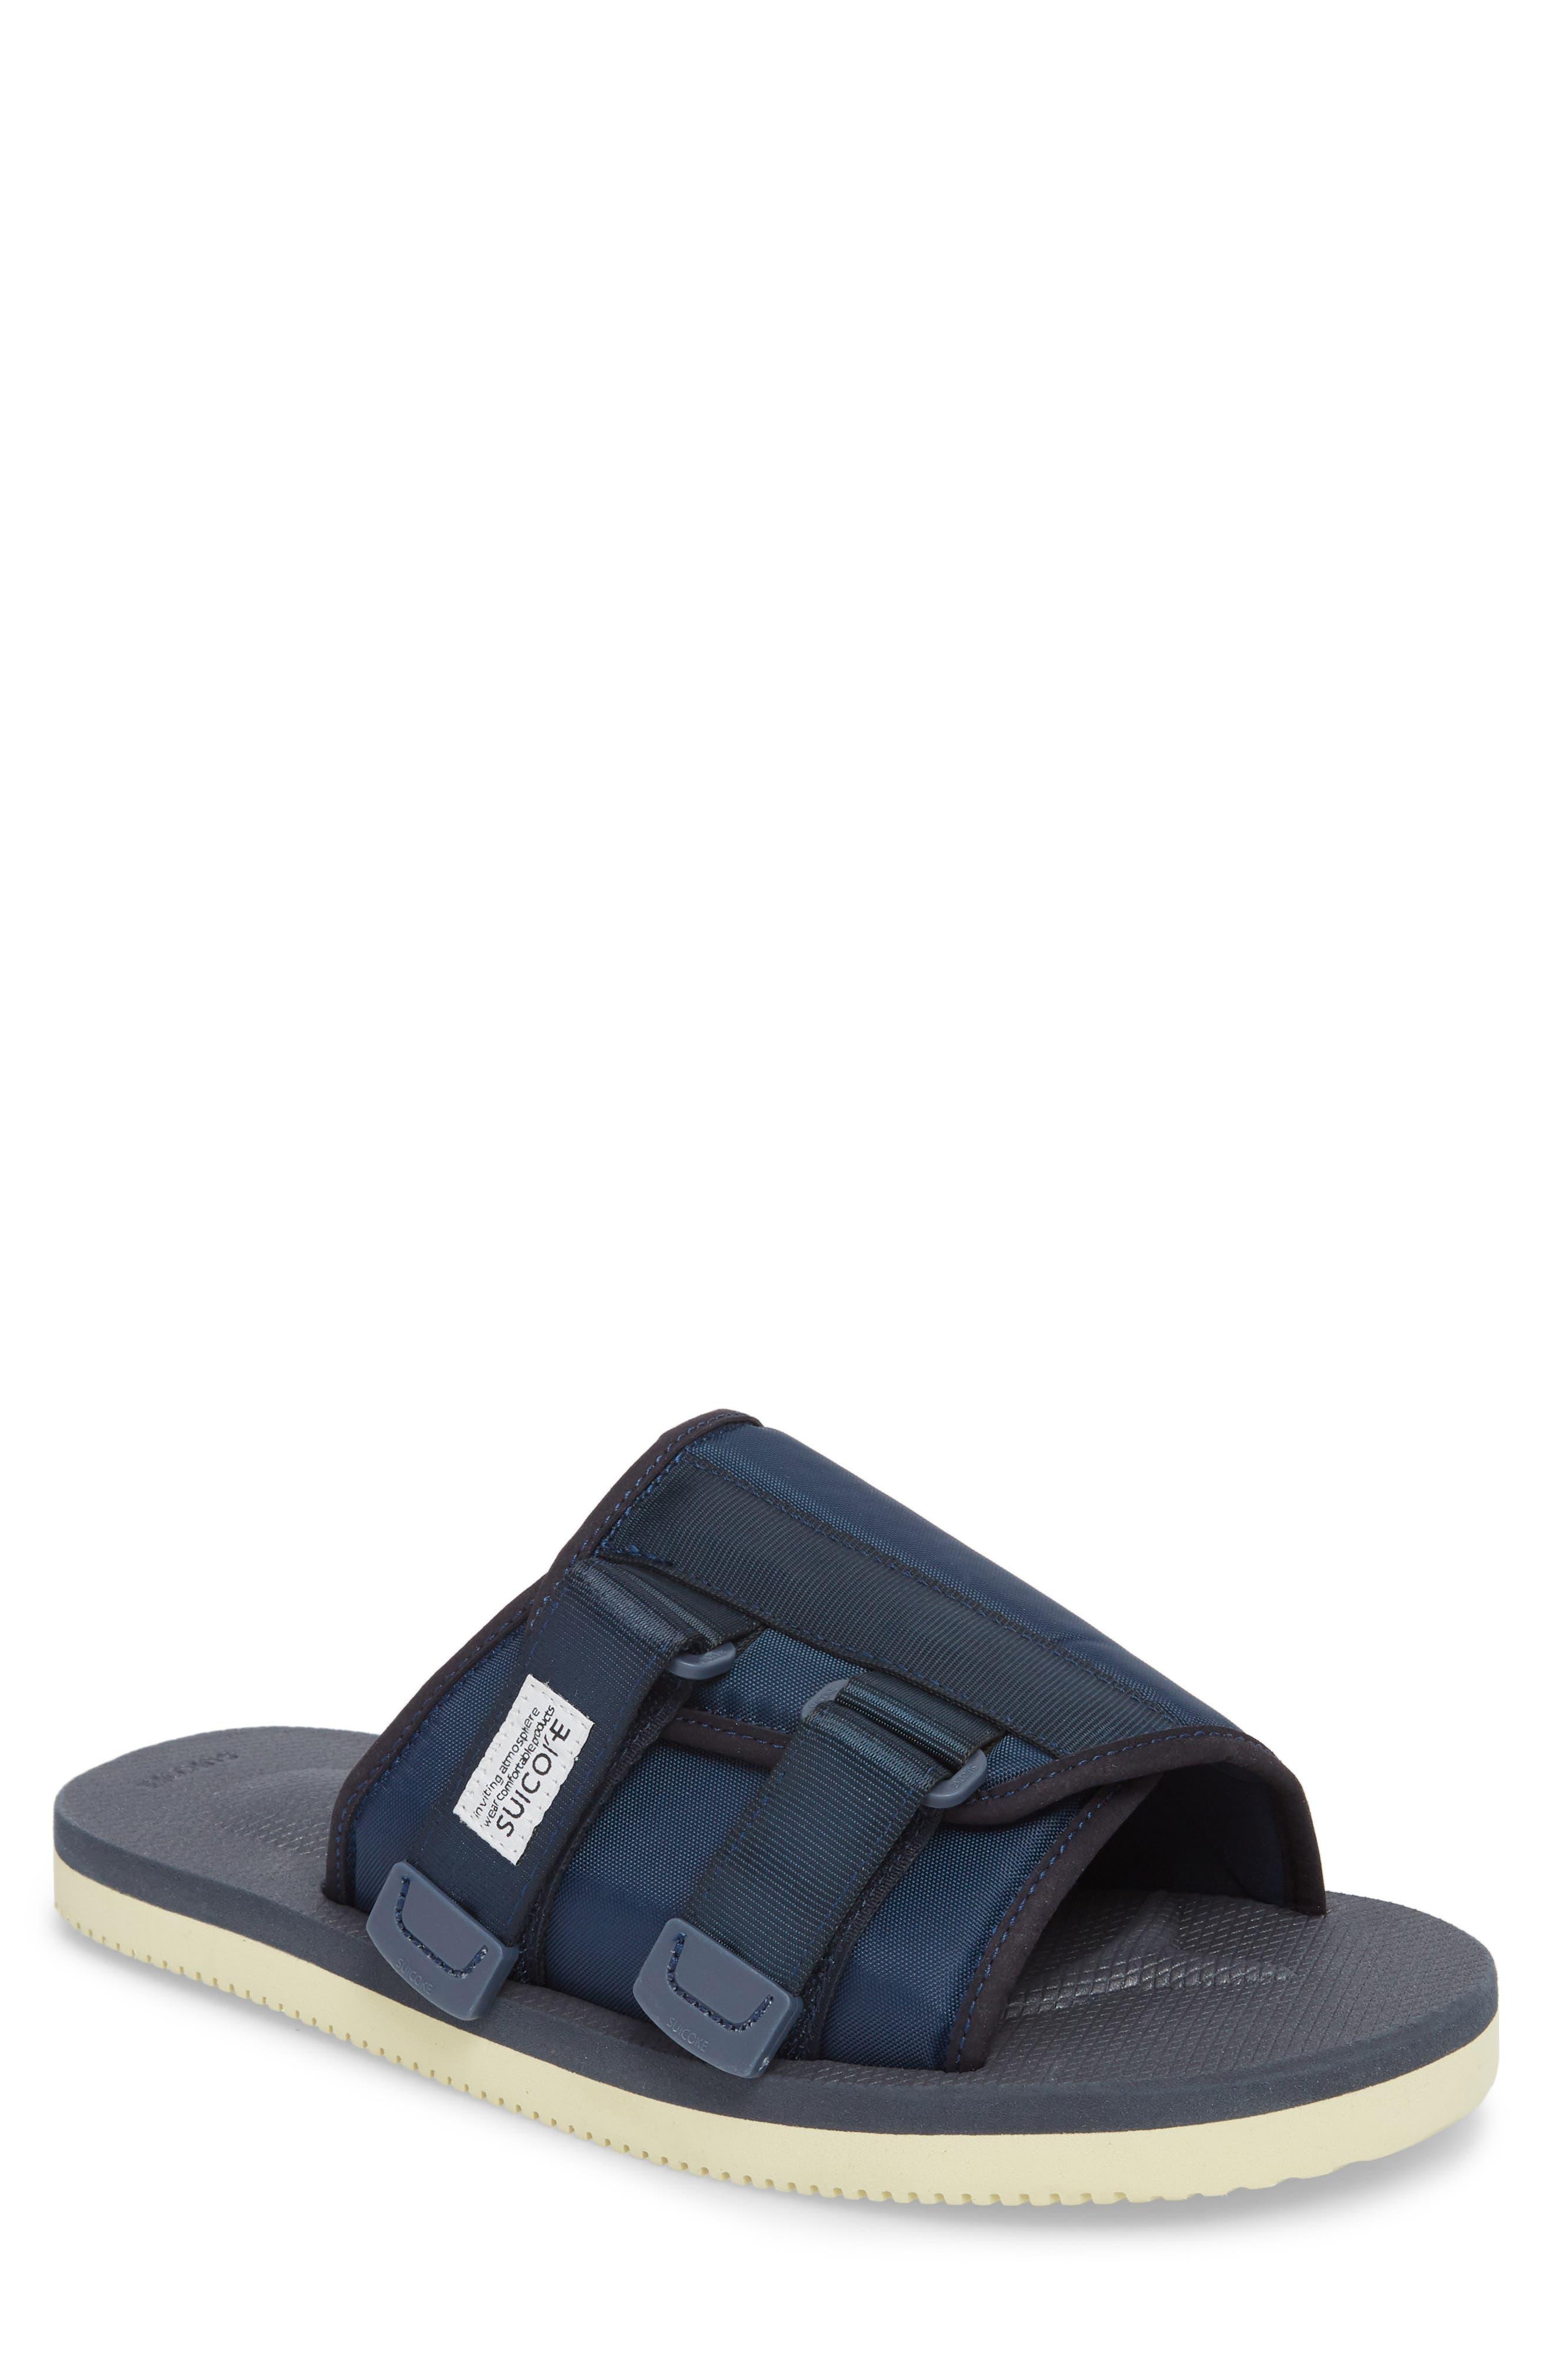 SUICOKE Kaw-Cab Sandals 0LtsUPG9